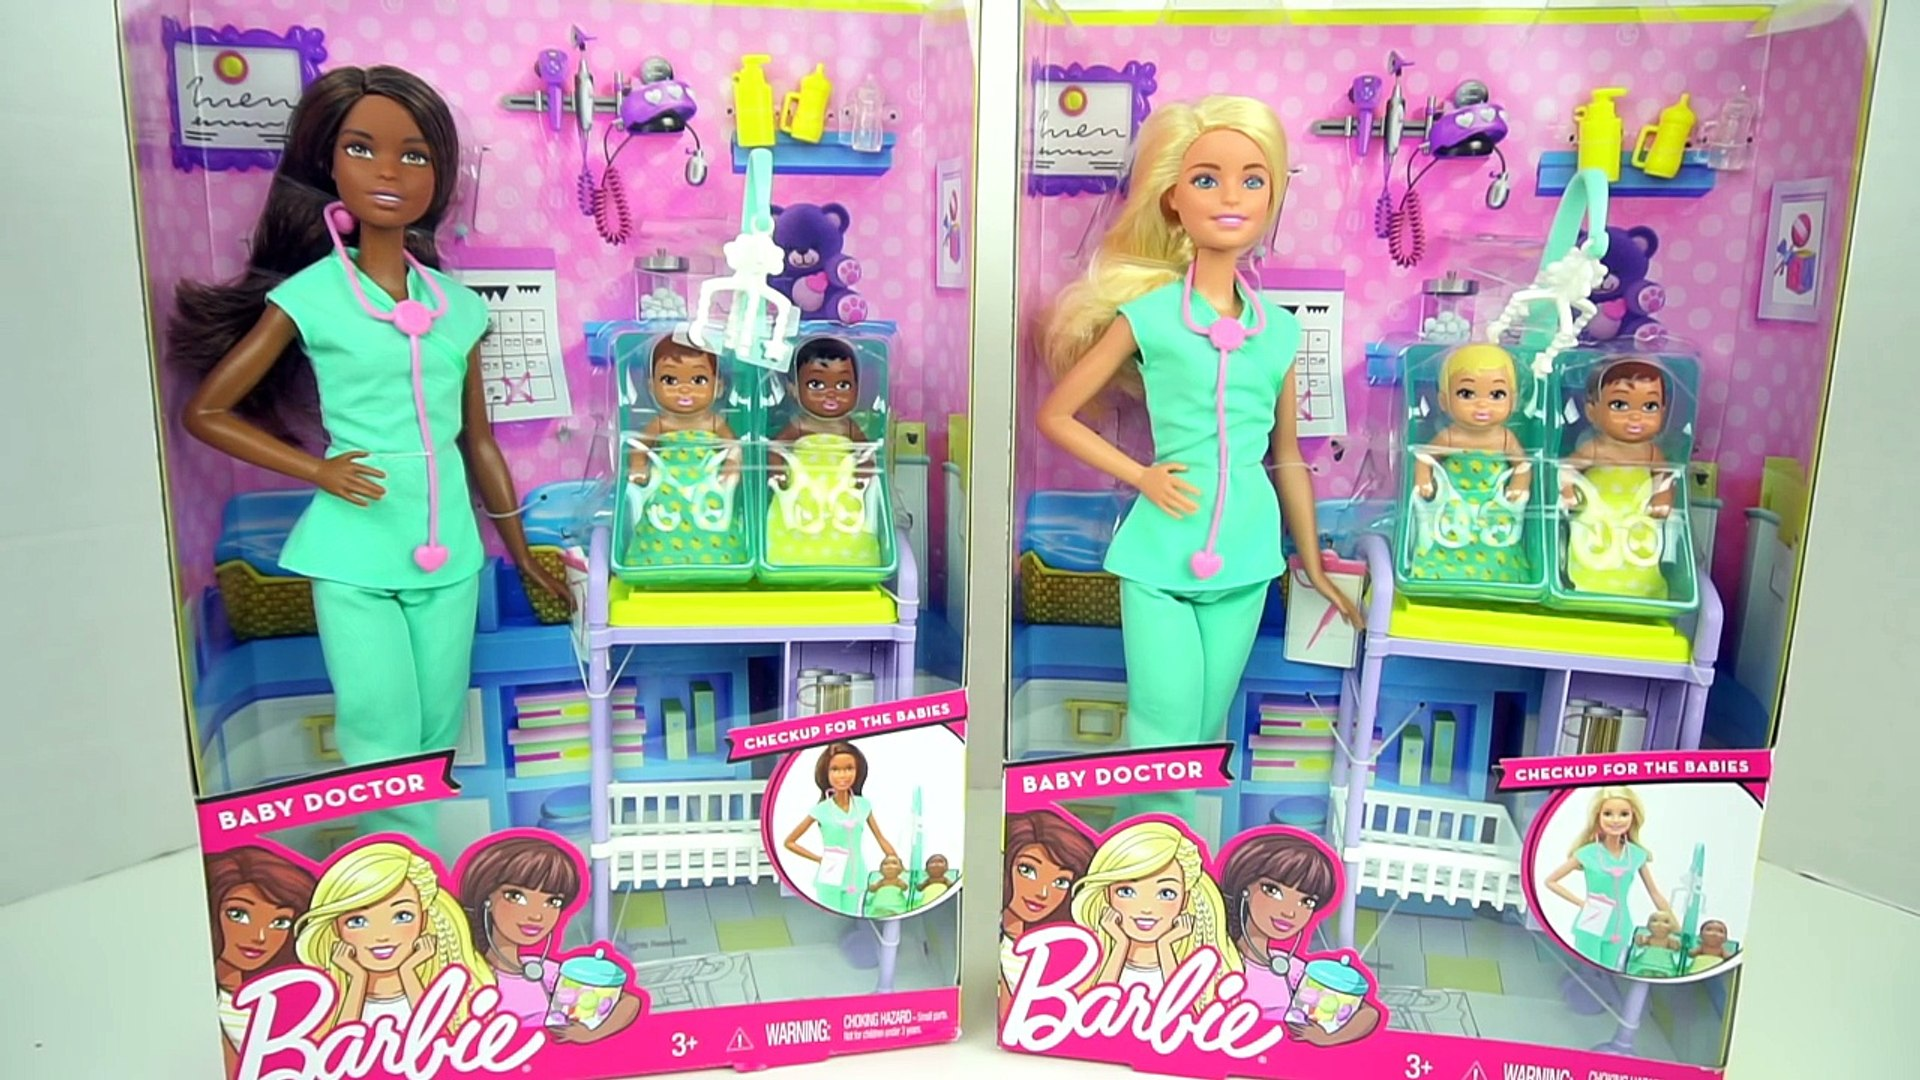 Armonioso Cooperación Examinar detenidamente  Barbie Doctora de Bebes Cuida a Recien Nacidos con Dr. Elsa y Anna -  Juguetes de Titi - Vidéo Dailymotion